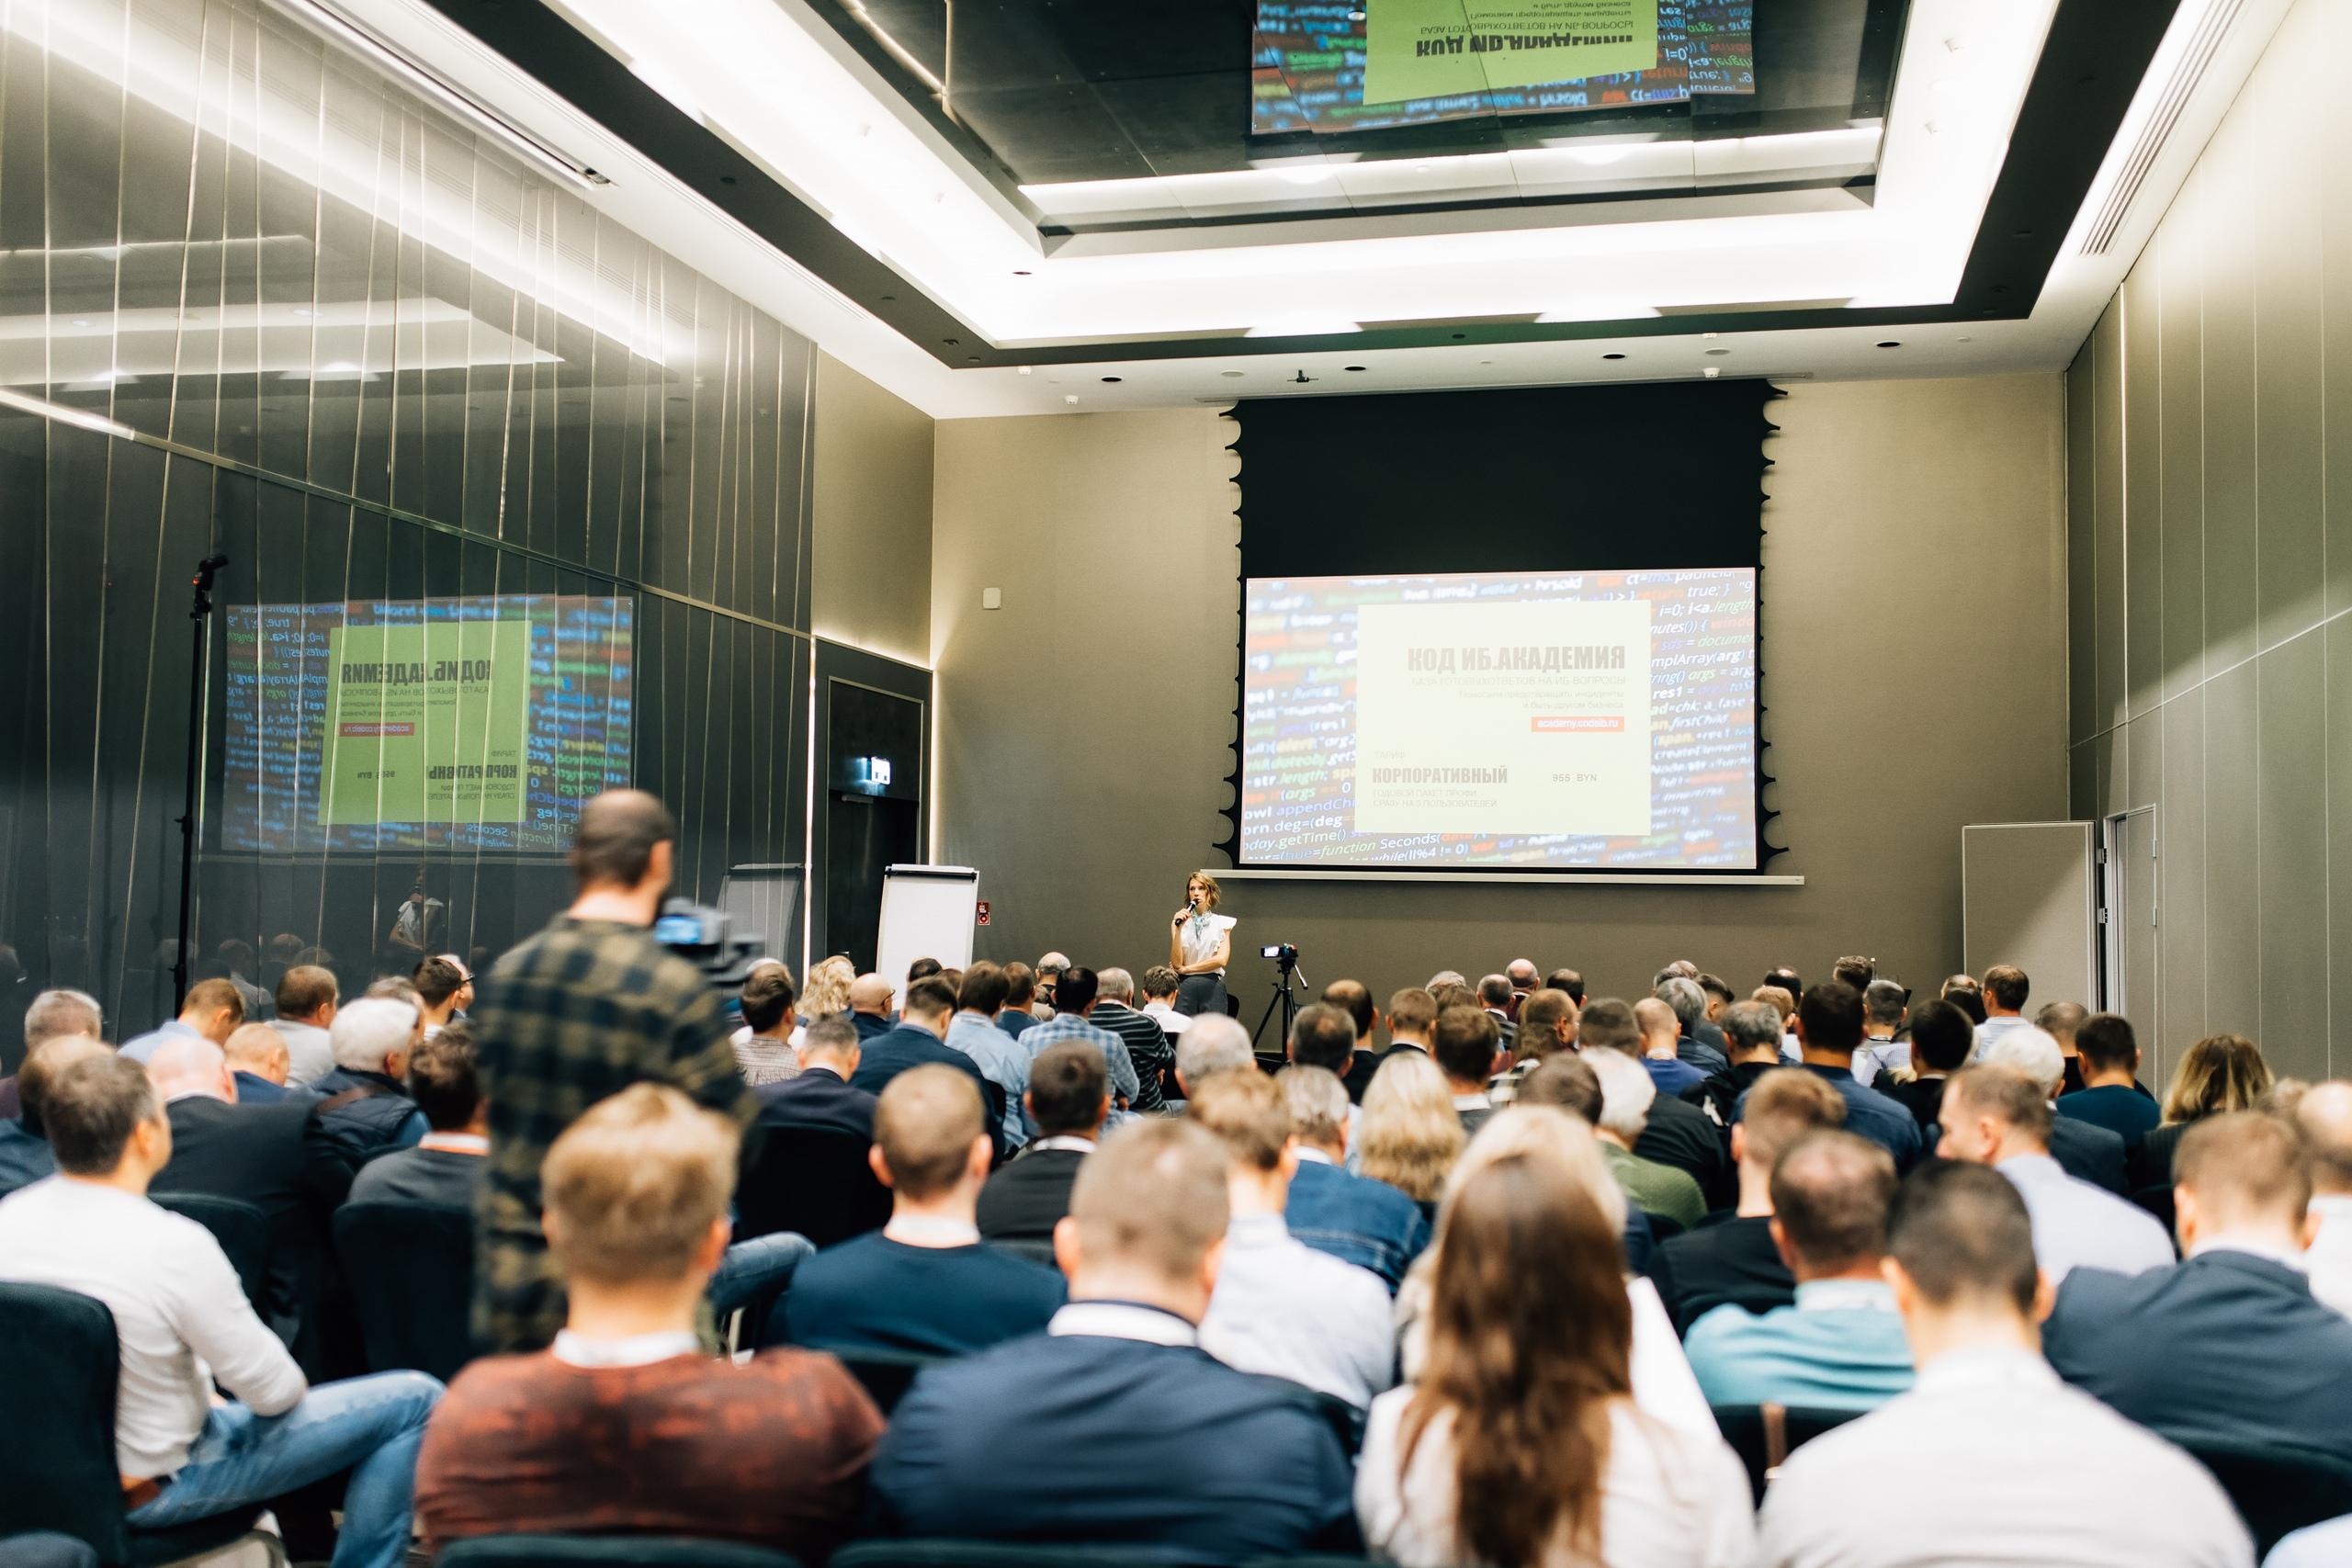 «Без измерения нет улучшения», - способы и методы оценки эффективности информационной безопасности рассмотрели в Минске ведущие эксперты Кода ИБ